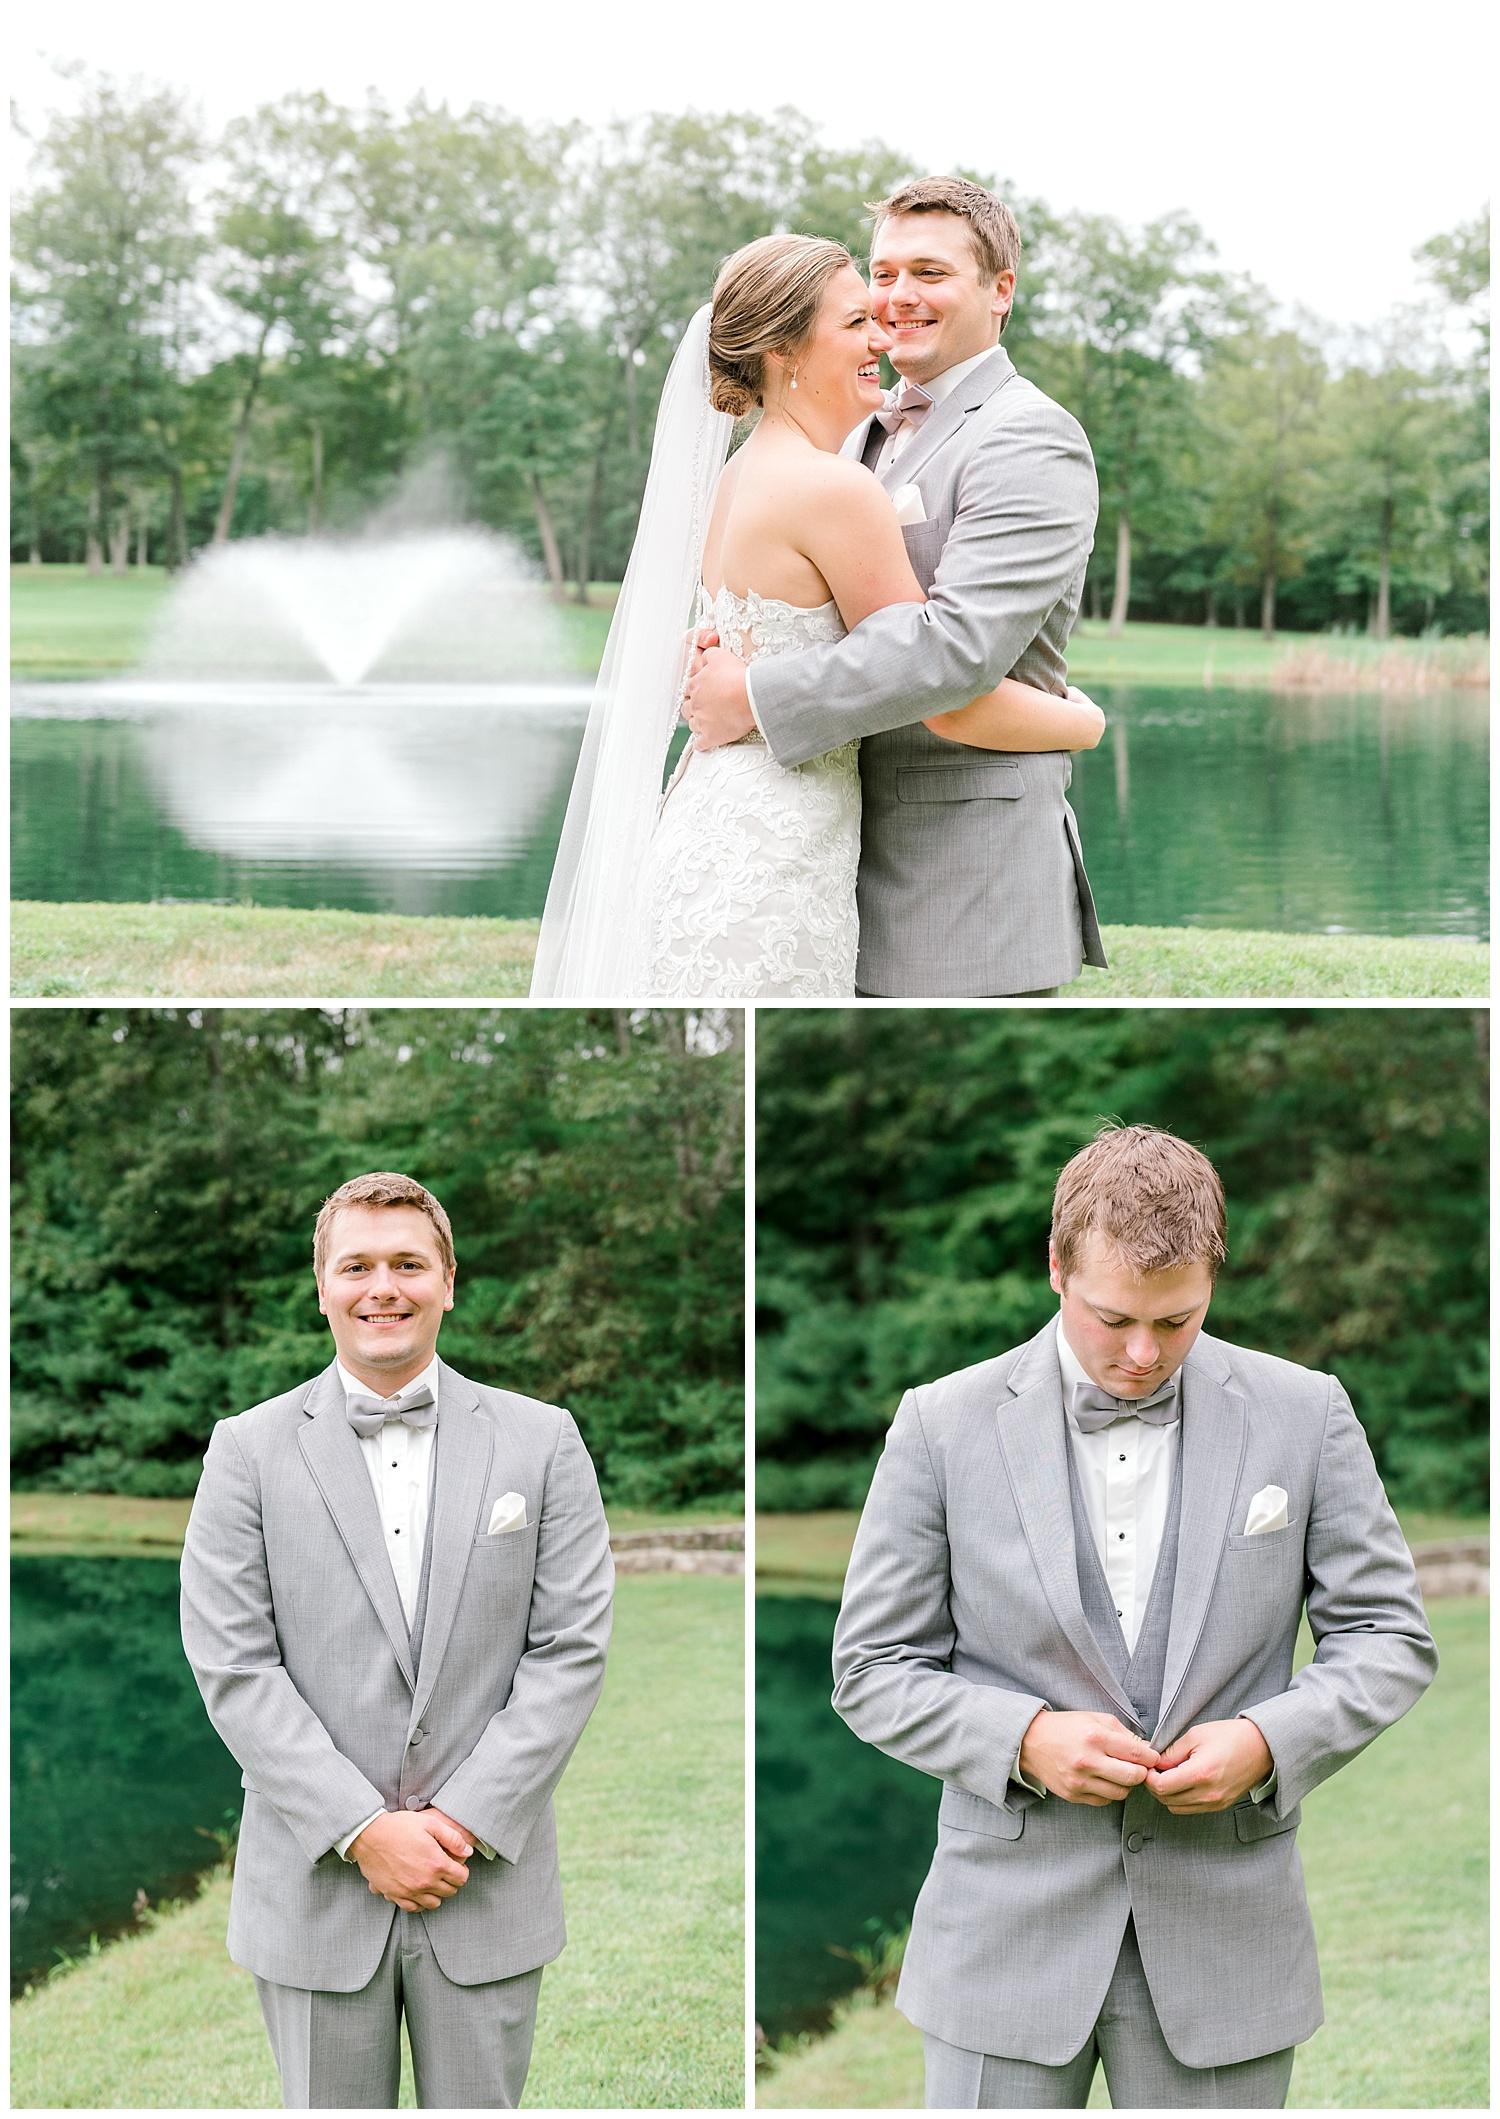 september9-charter-oak-country-club-wedding-photography-hudson-massachusetts-24.jpg